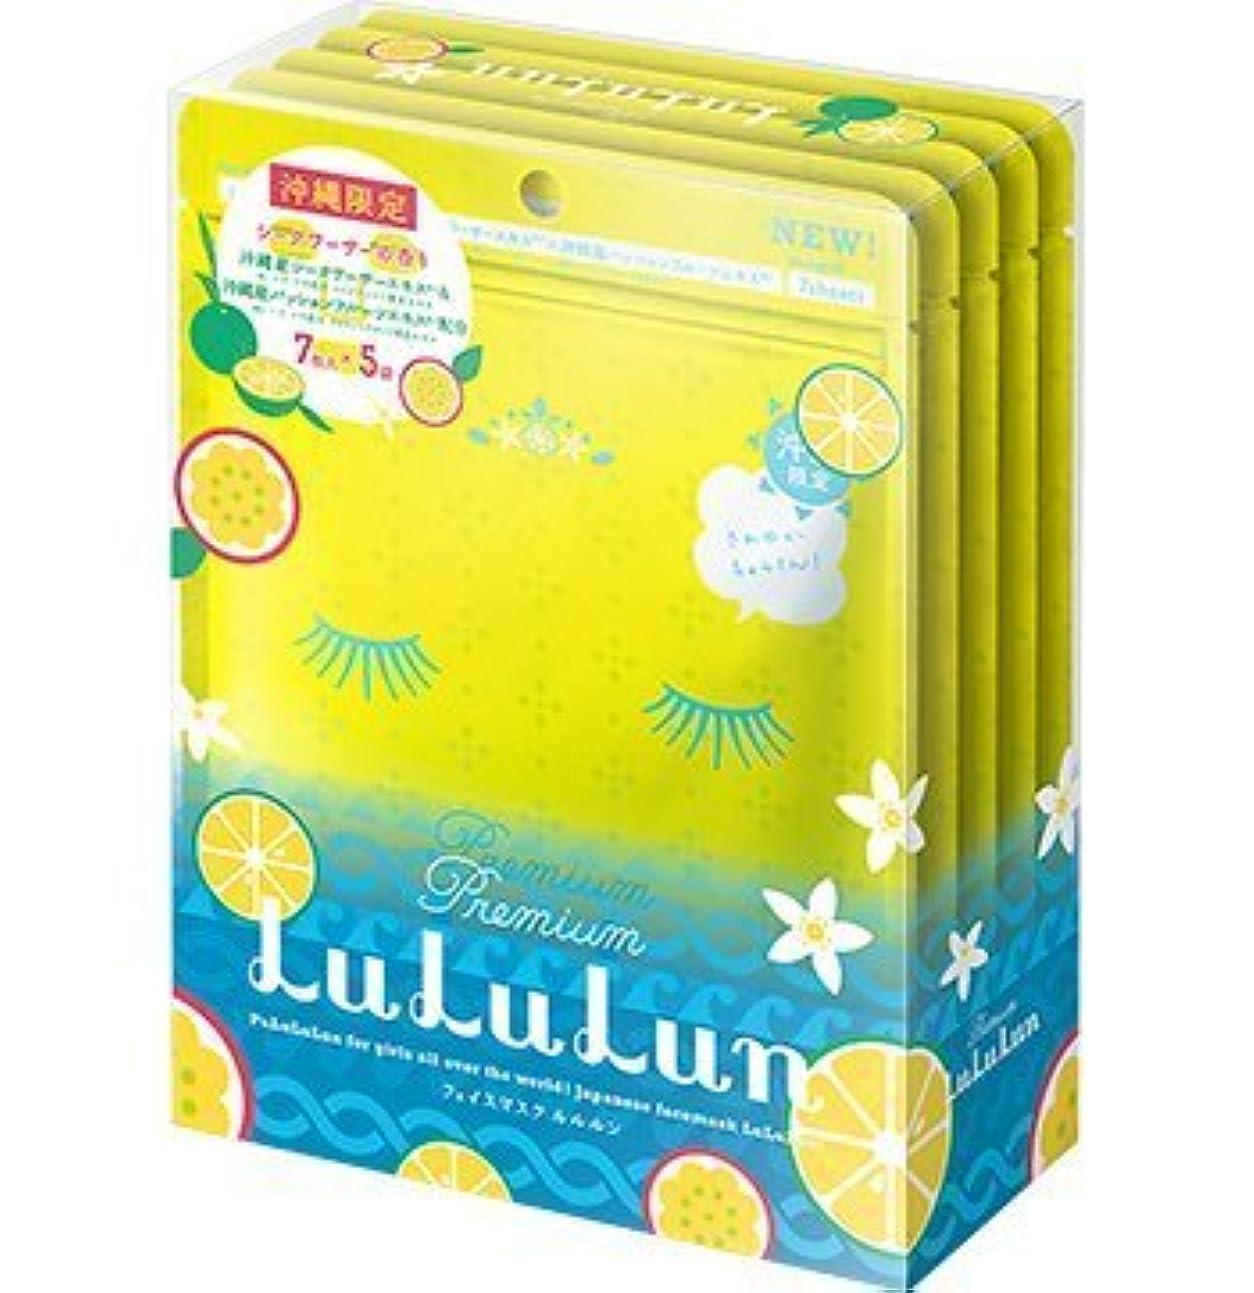 創造経度ぼかす沖縄限定 沖縄プレミアム ルルルン LuLuLun フェイスマスク シークワーサーの香り 7枚入り×5袋